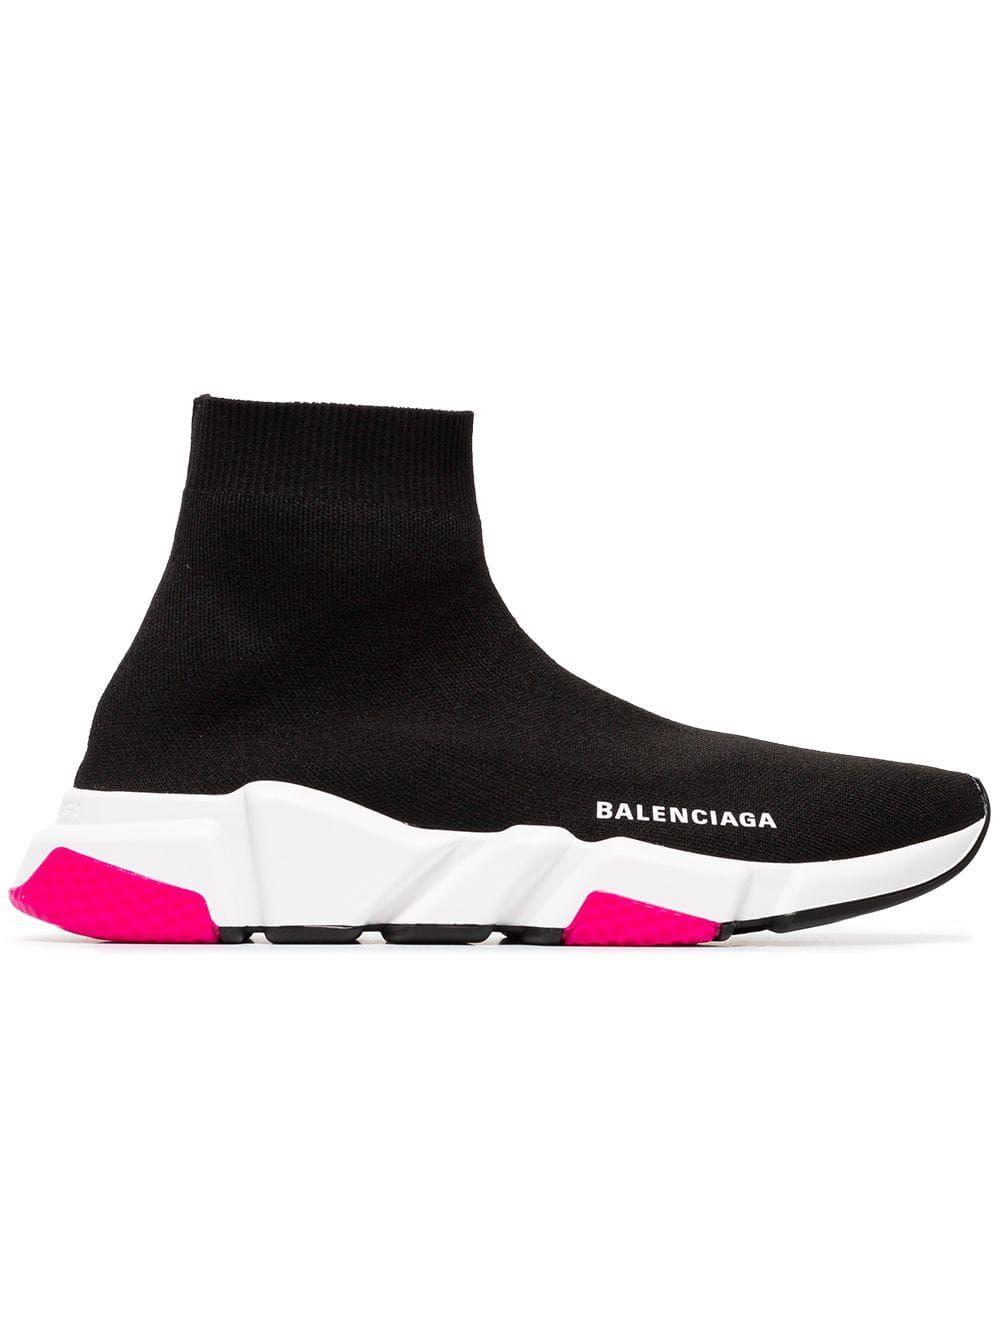 High top sneakers, Balenciaga speed